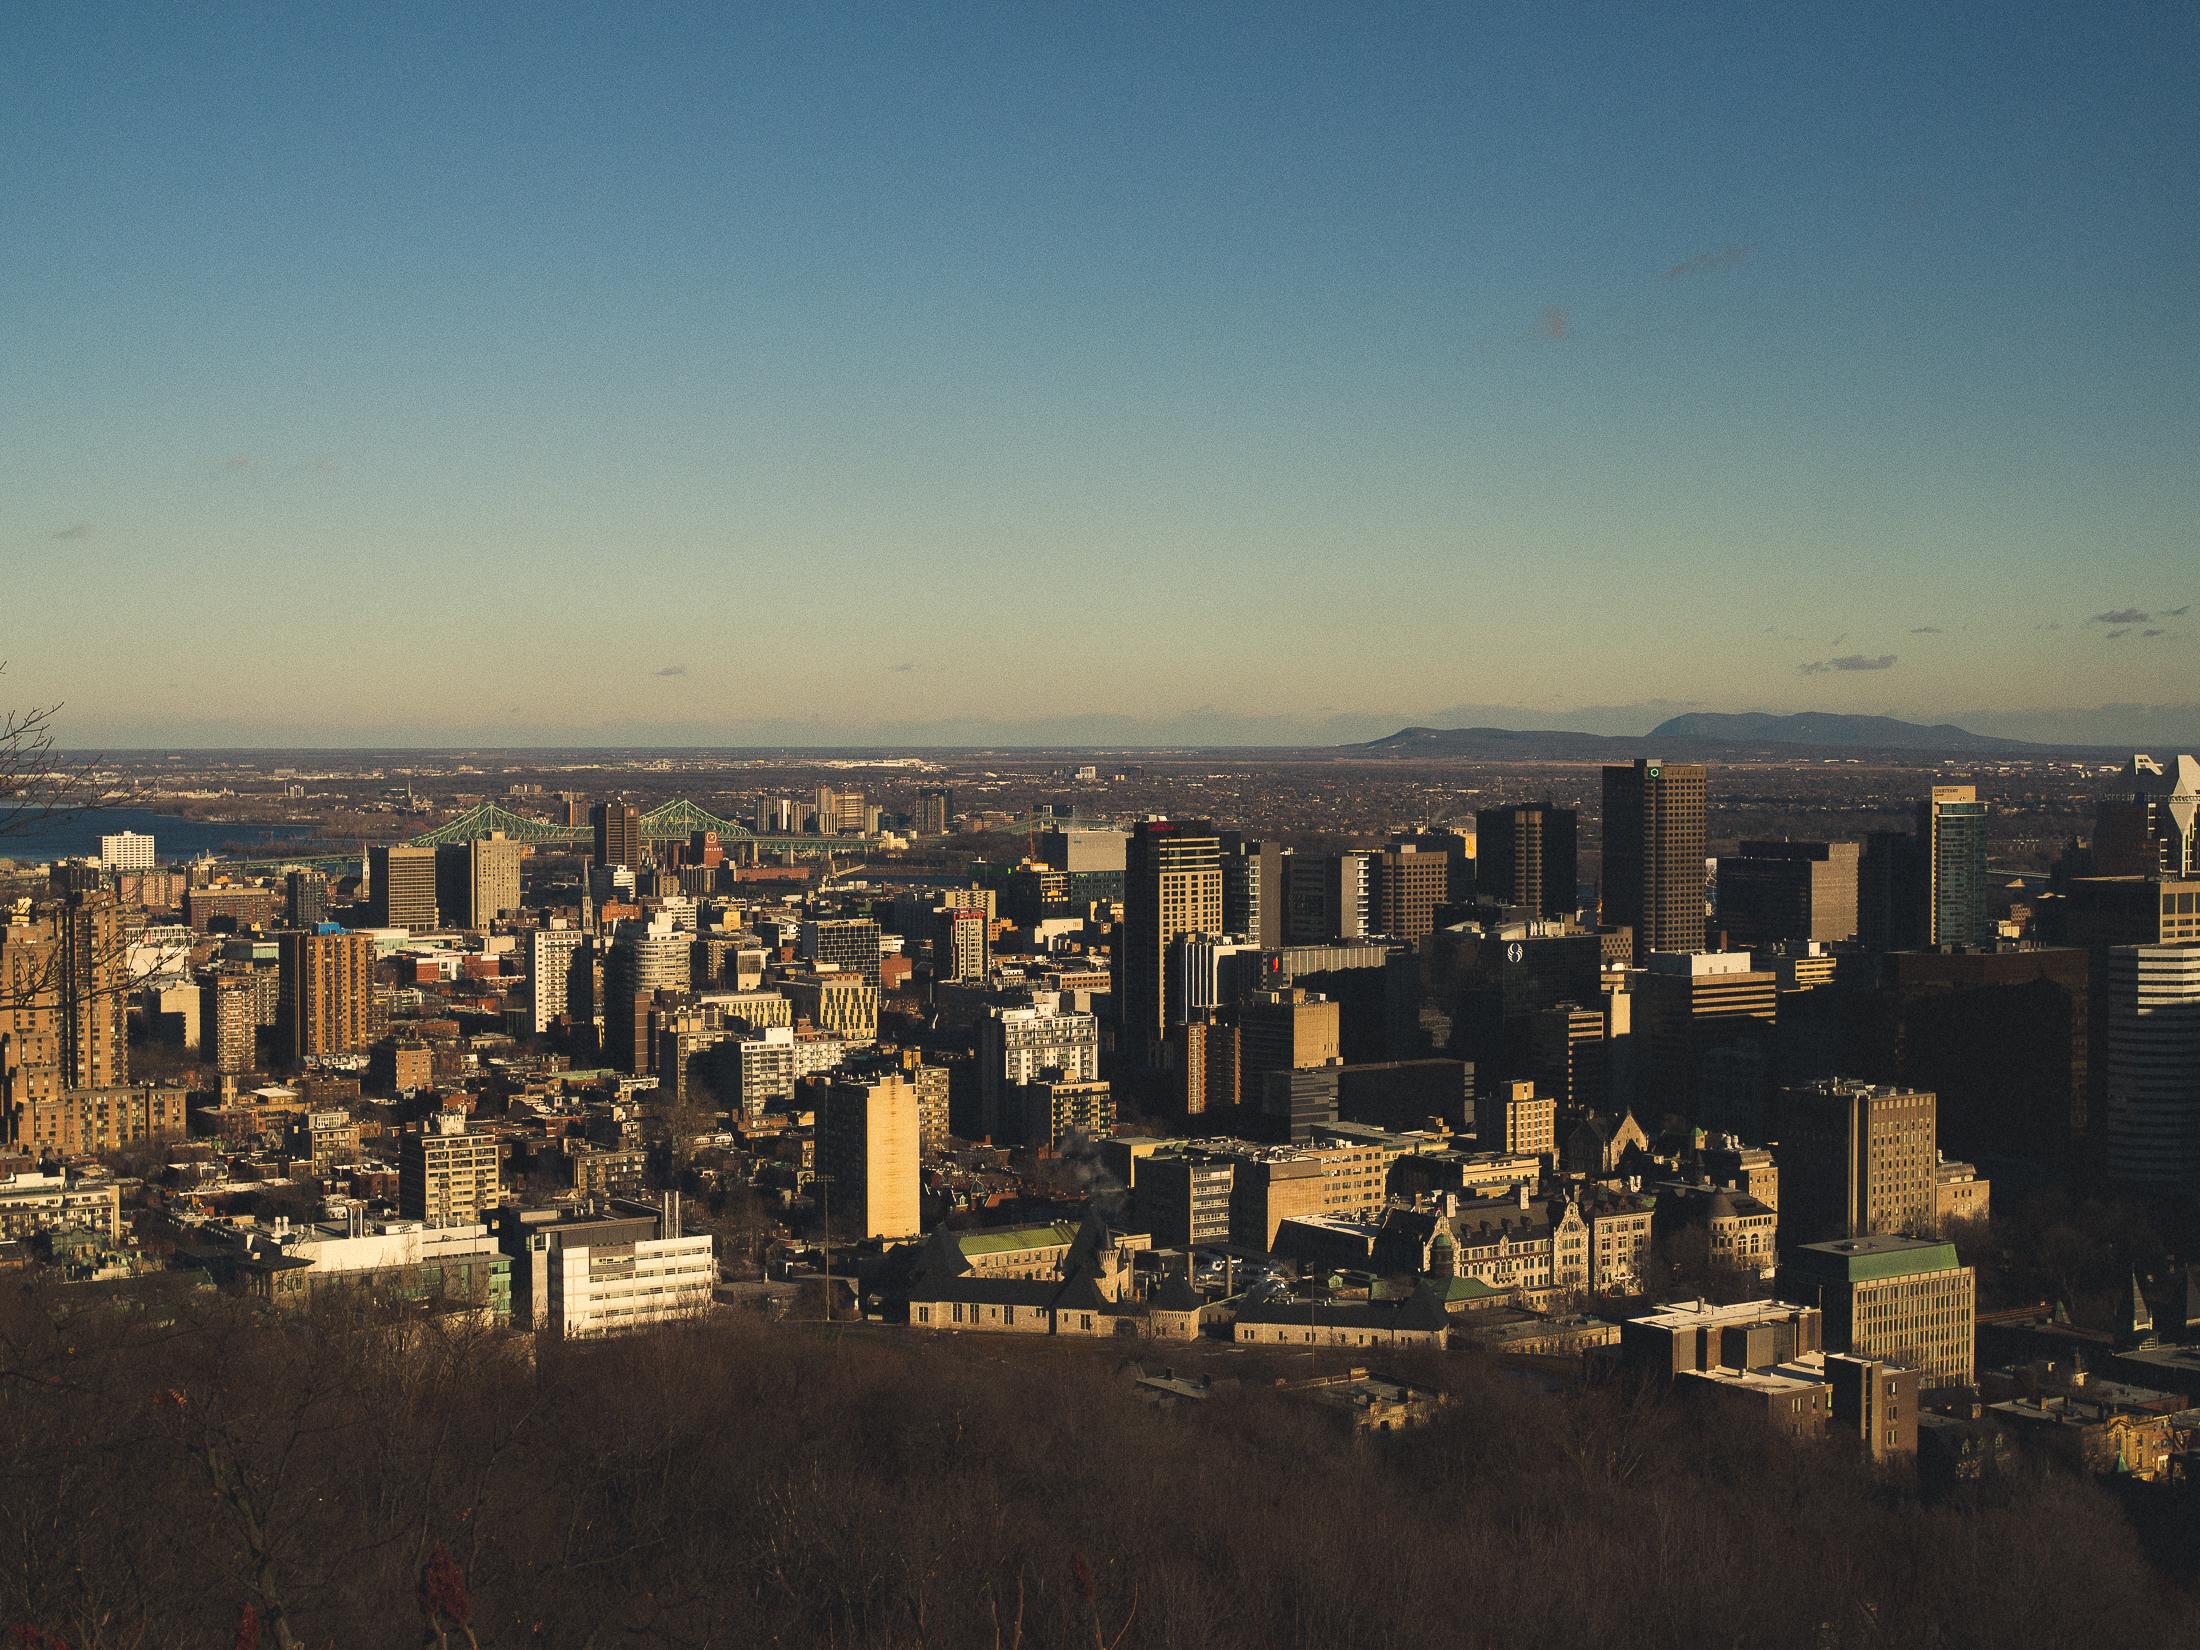 Montréal sous le soleil couchant depuis la vue du belvédère Camillien Houde